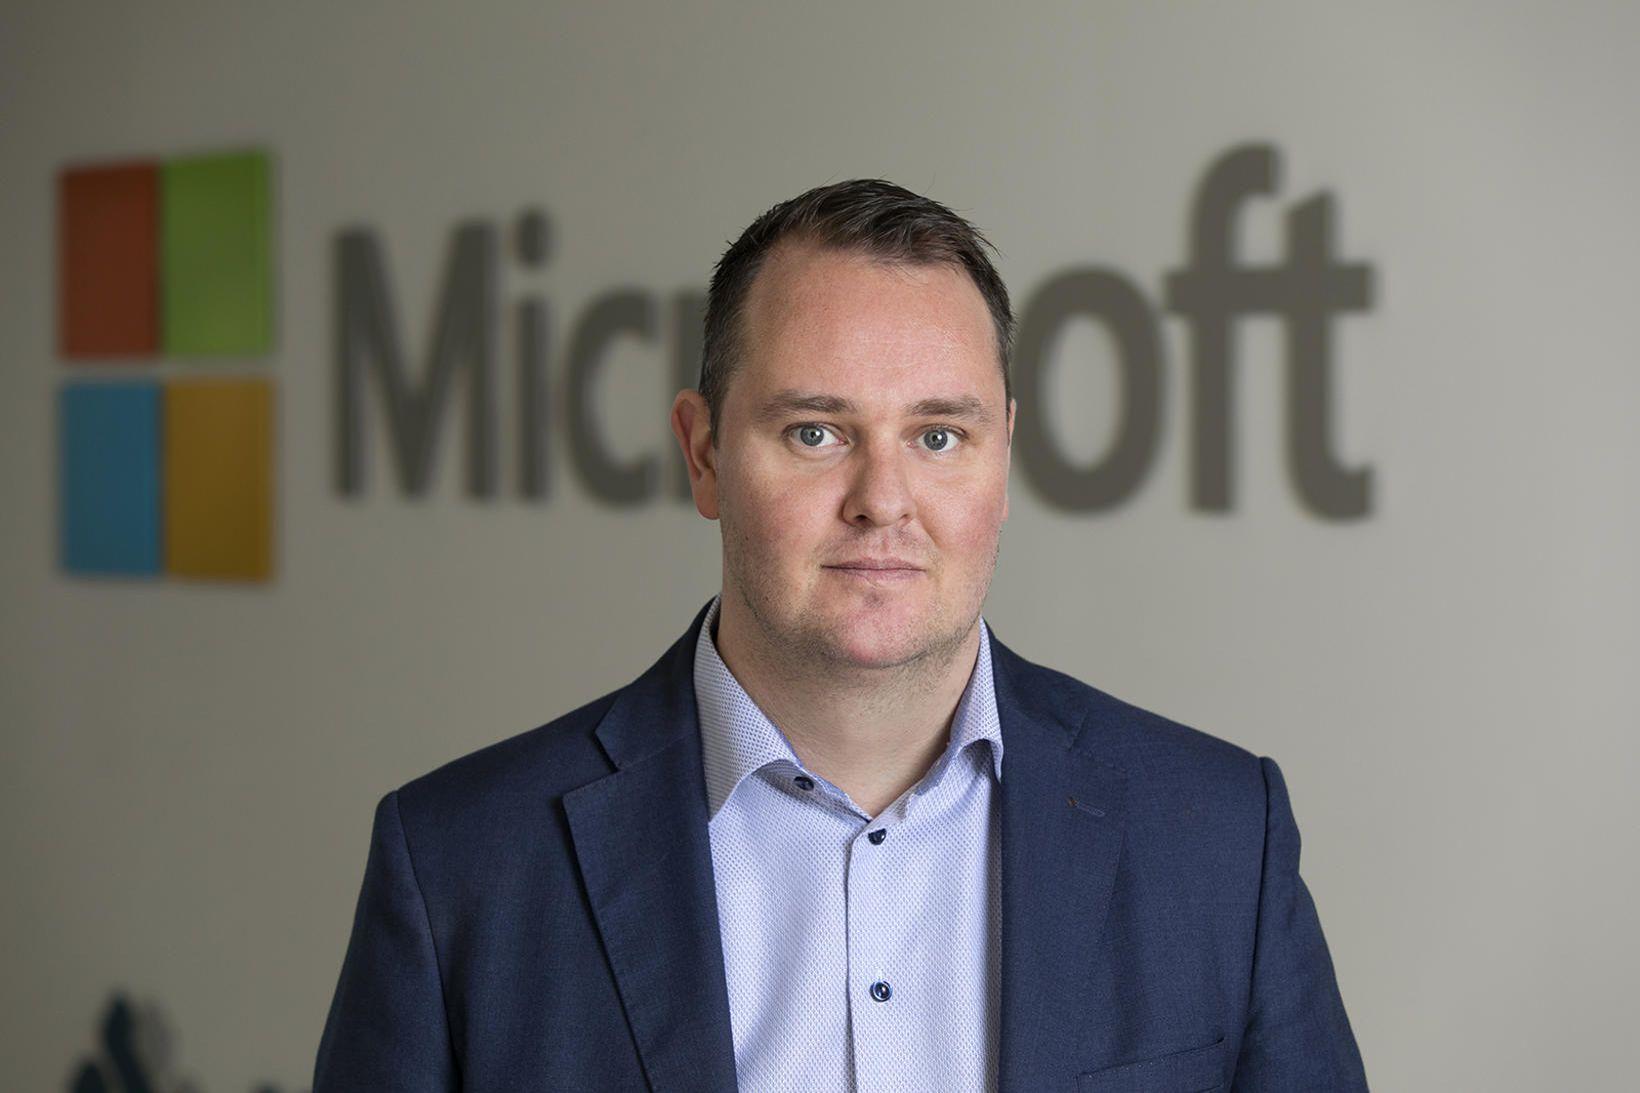 Axel Þór hefur starfað hjá Microsoft síðustu 13 ár sem …